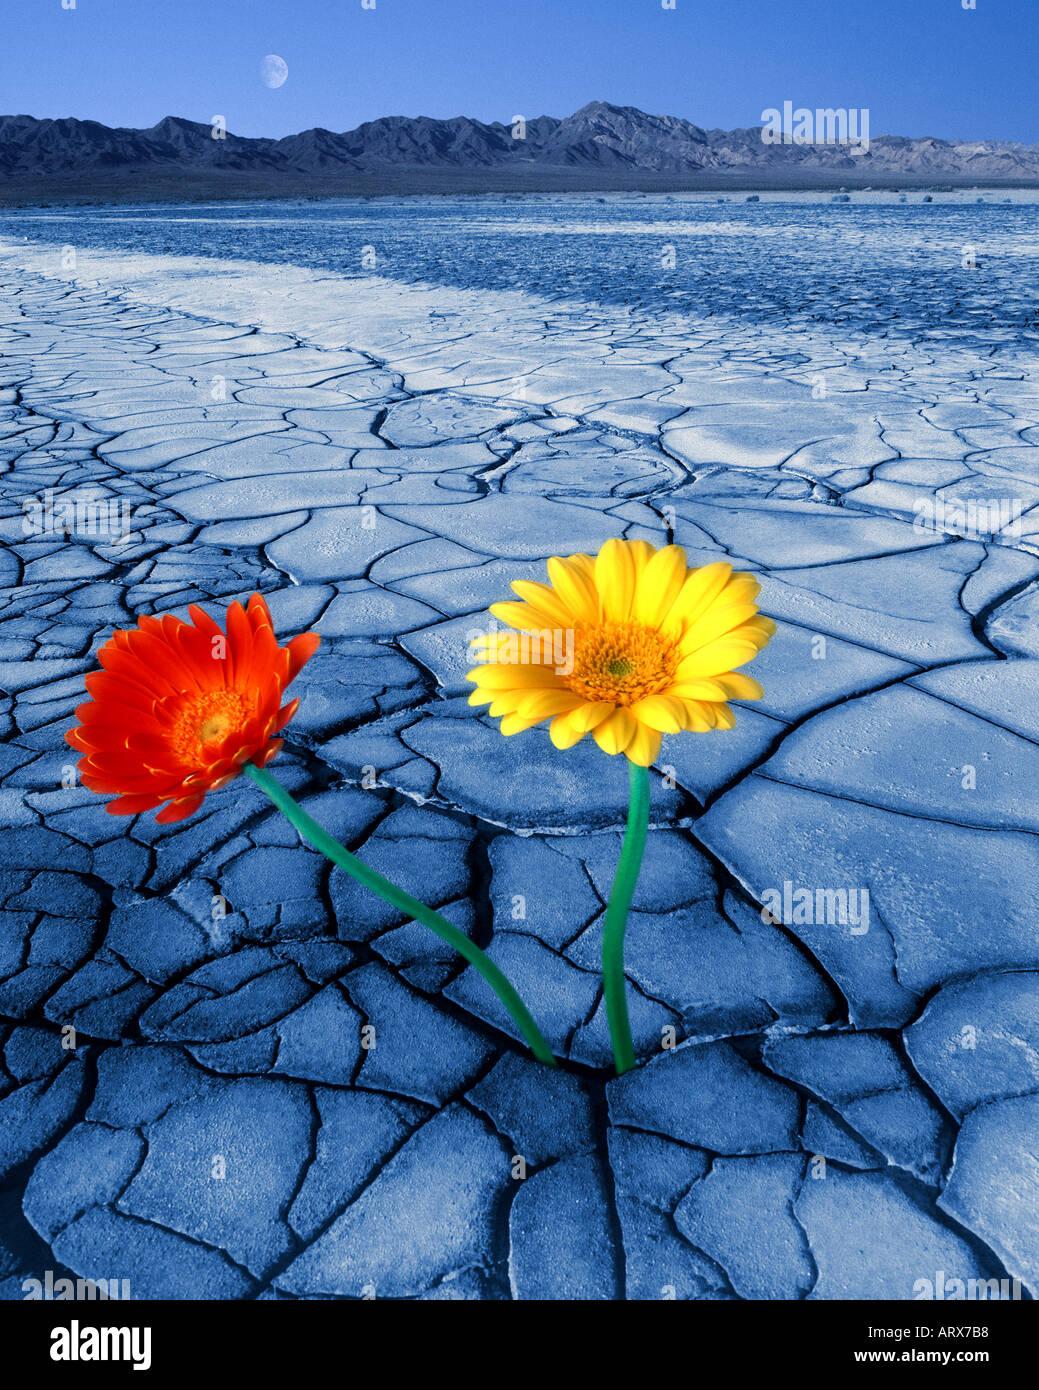 Concetto ambientale: il Deserto digitale Immagini Stock